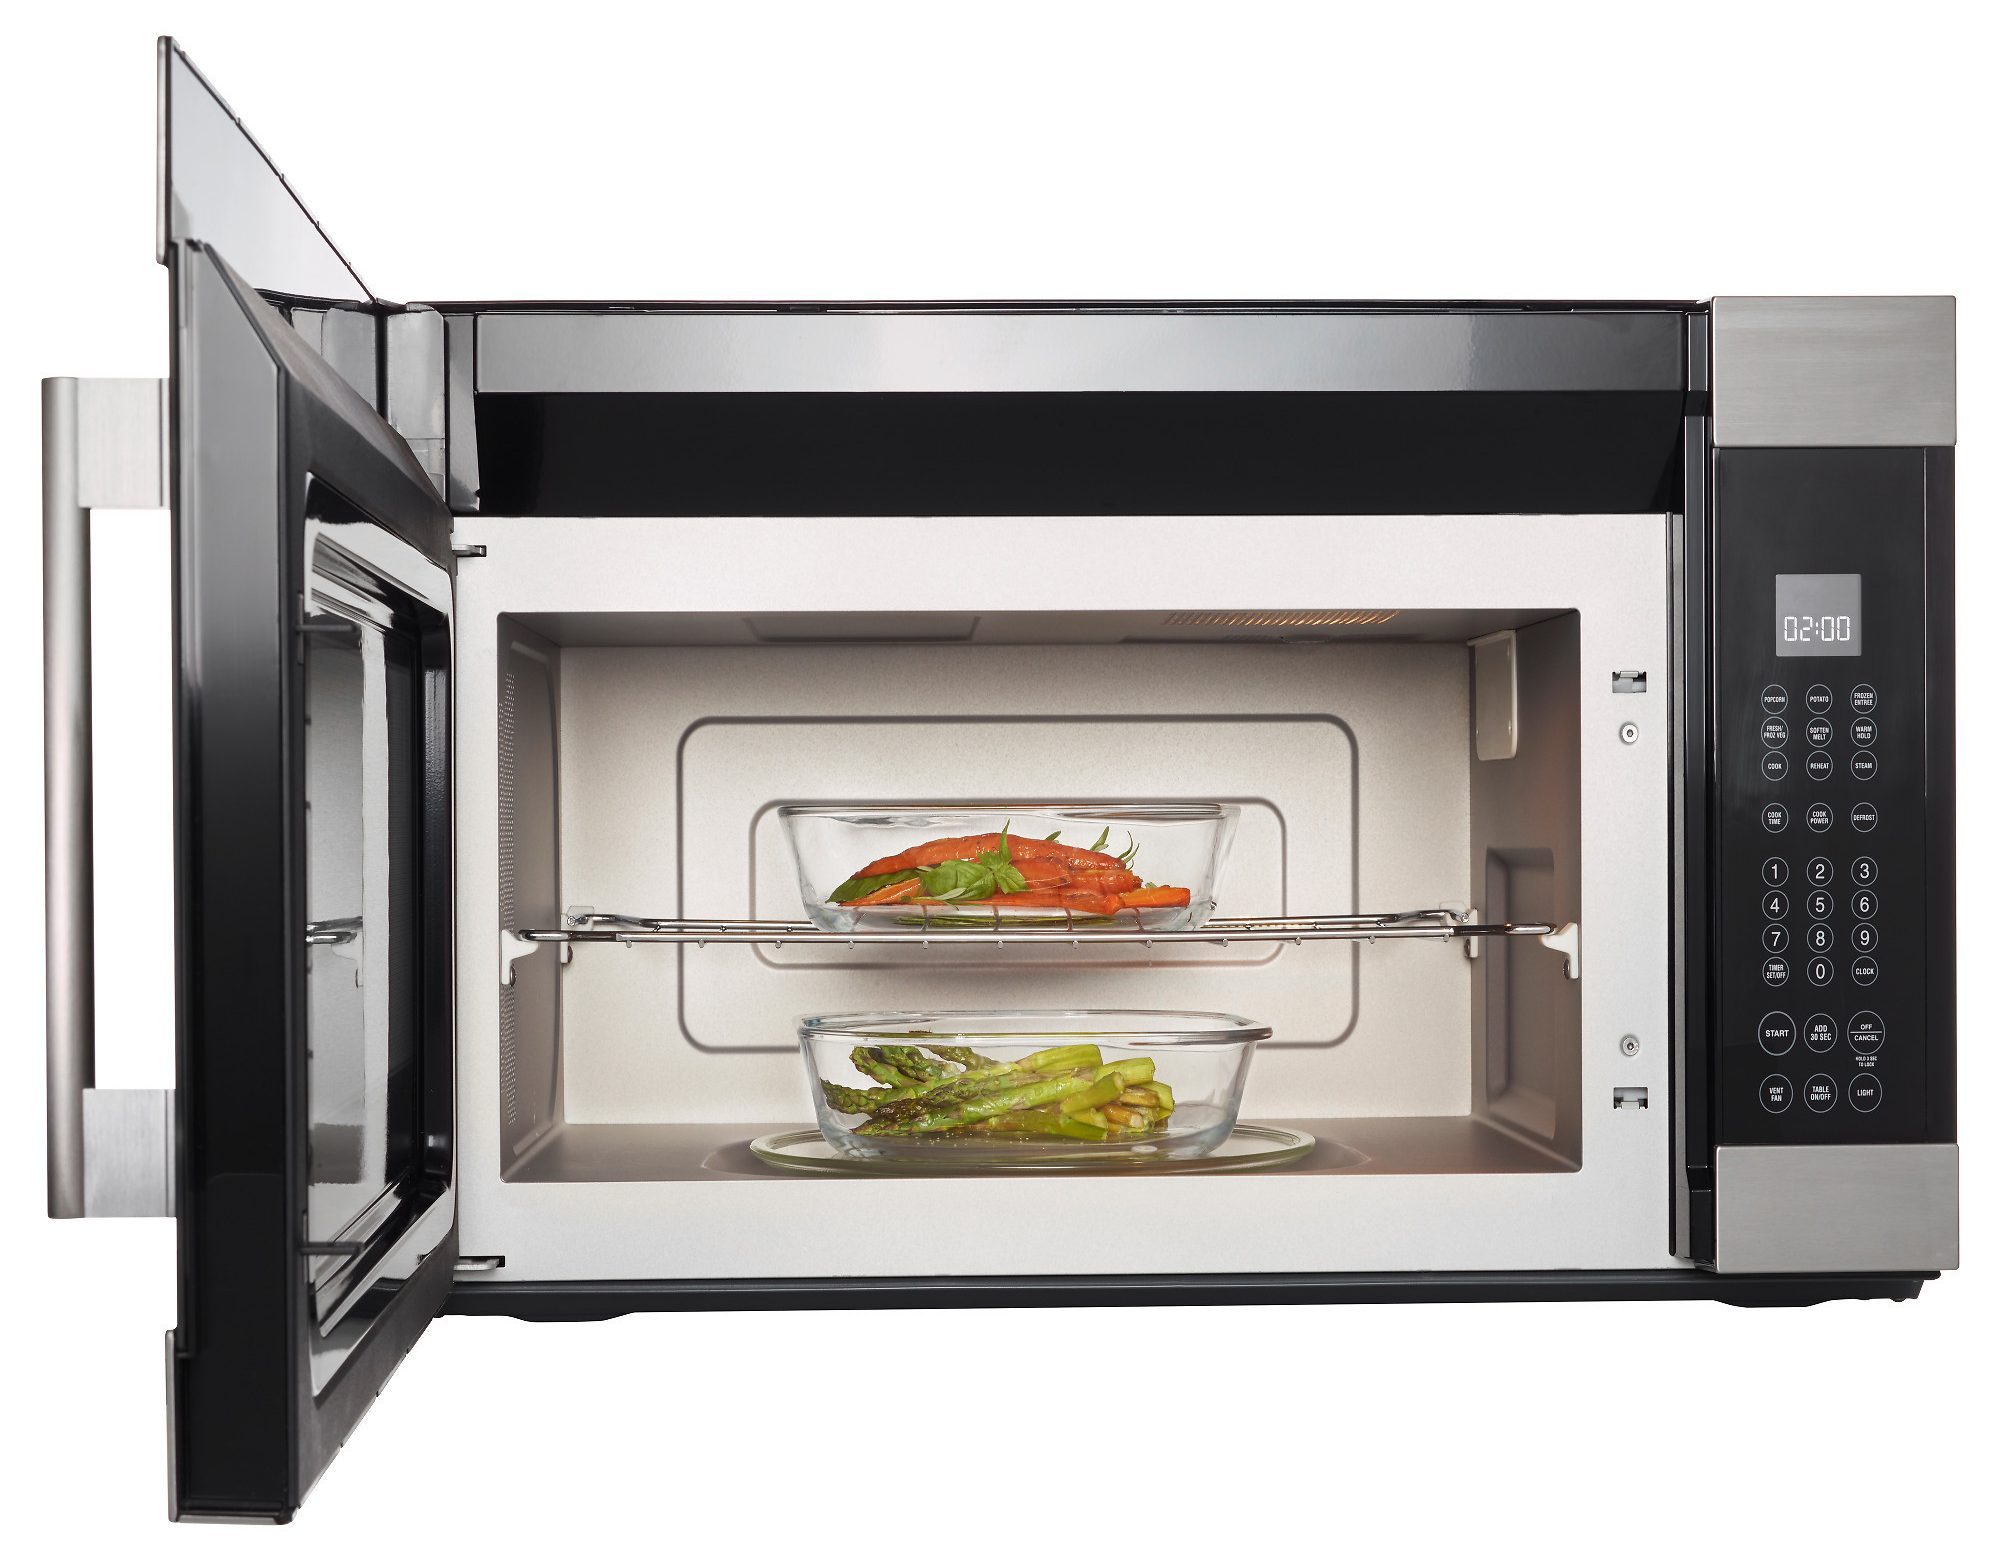 Cocinar con microondas soluciones r pidas y sencillas - Cocinando con microondas ...